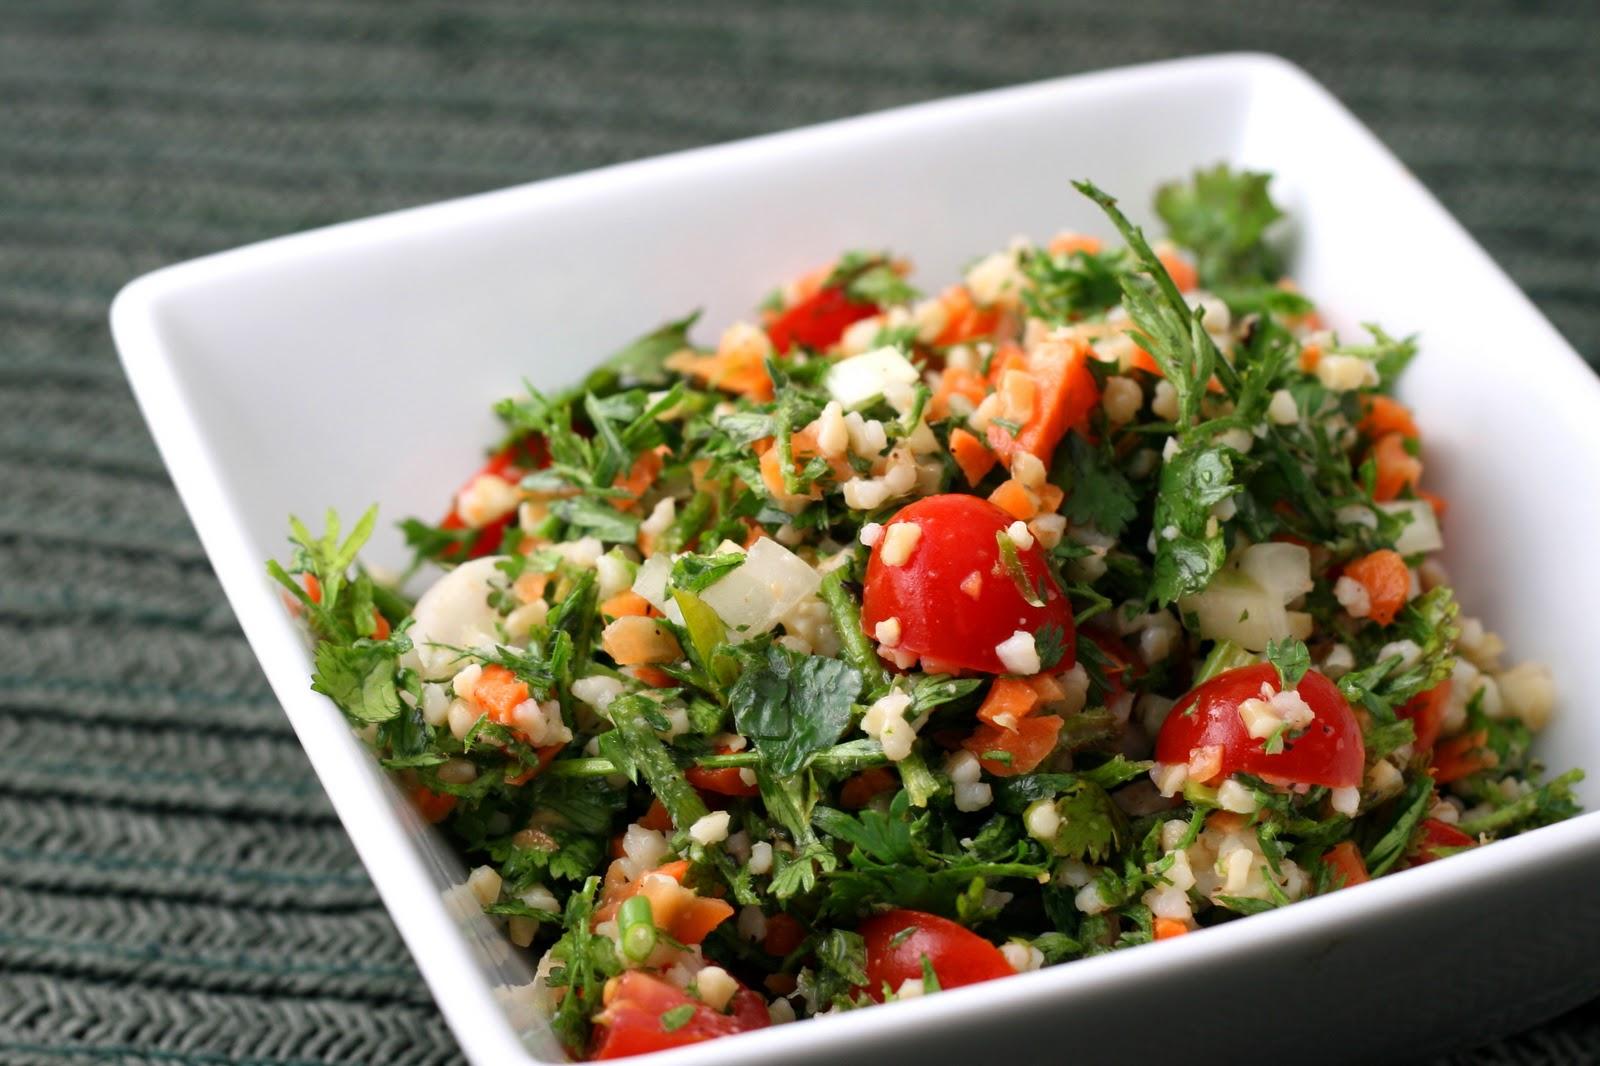 арабские салаты рецепты с фото моем